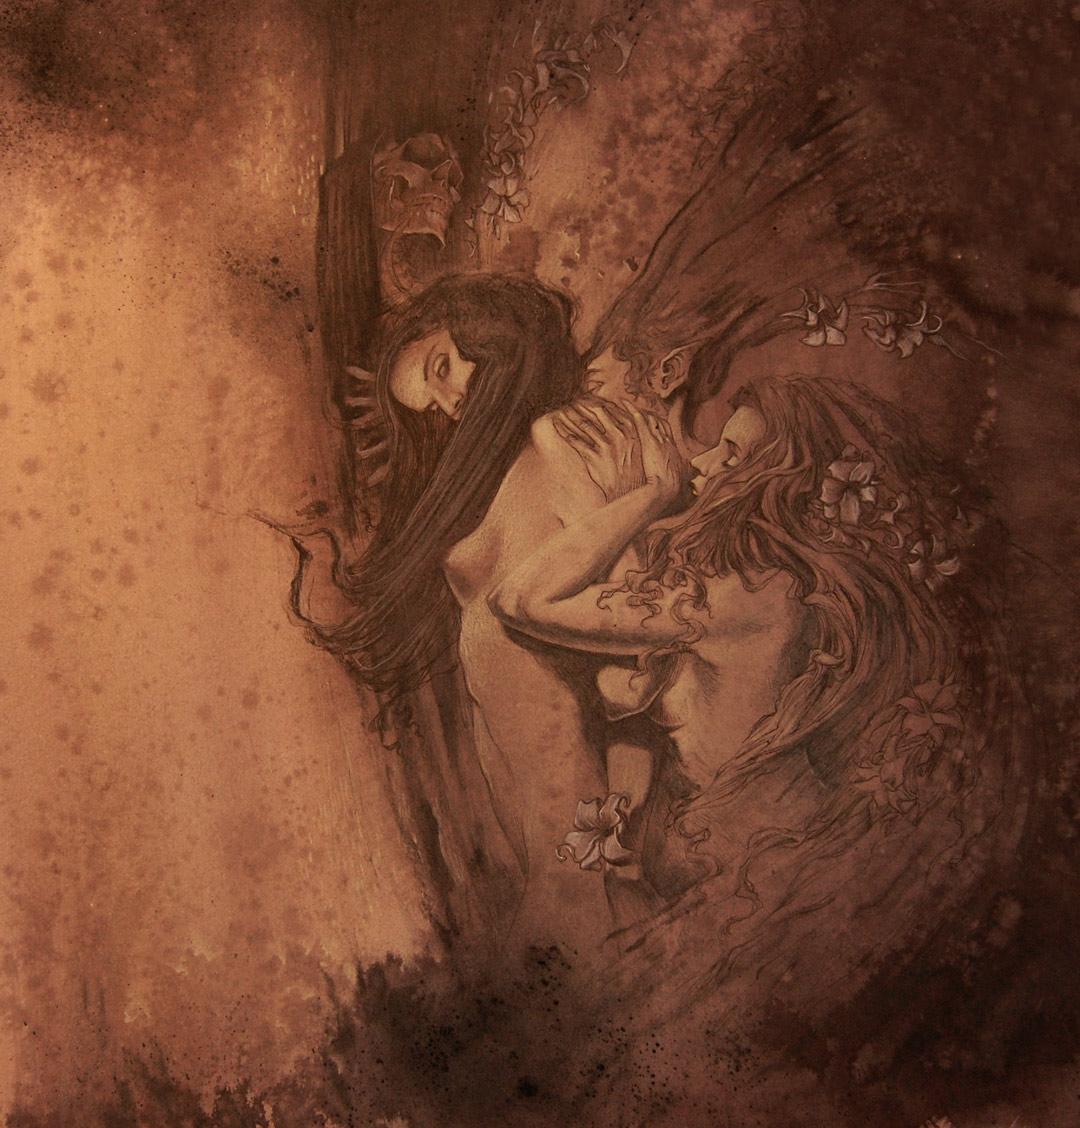 alan-clarke-devils-1080.jpg